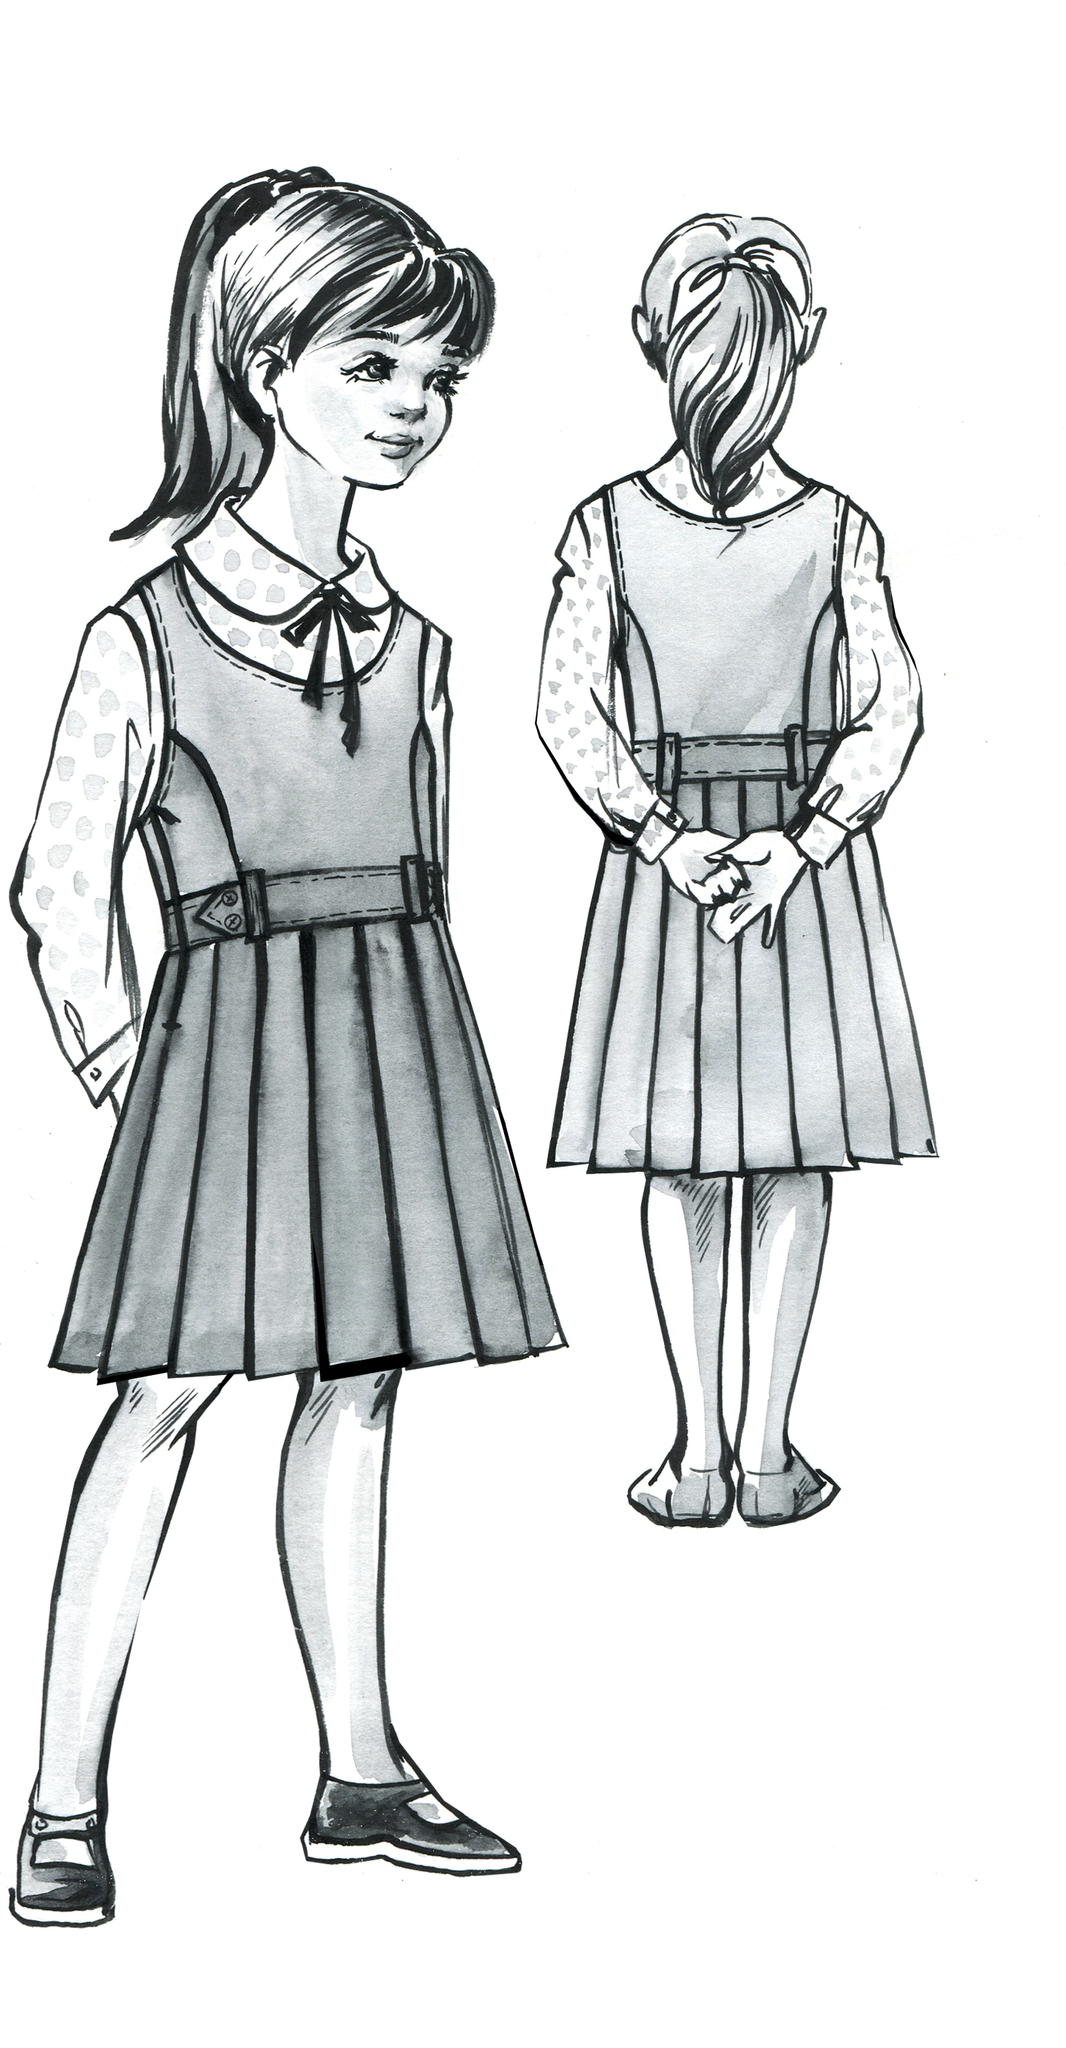 Выкройка школьного сарафана с юбкой в складку и овальным вырезом горловины